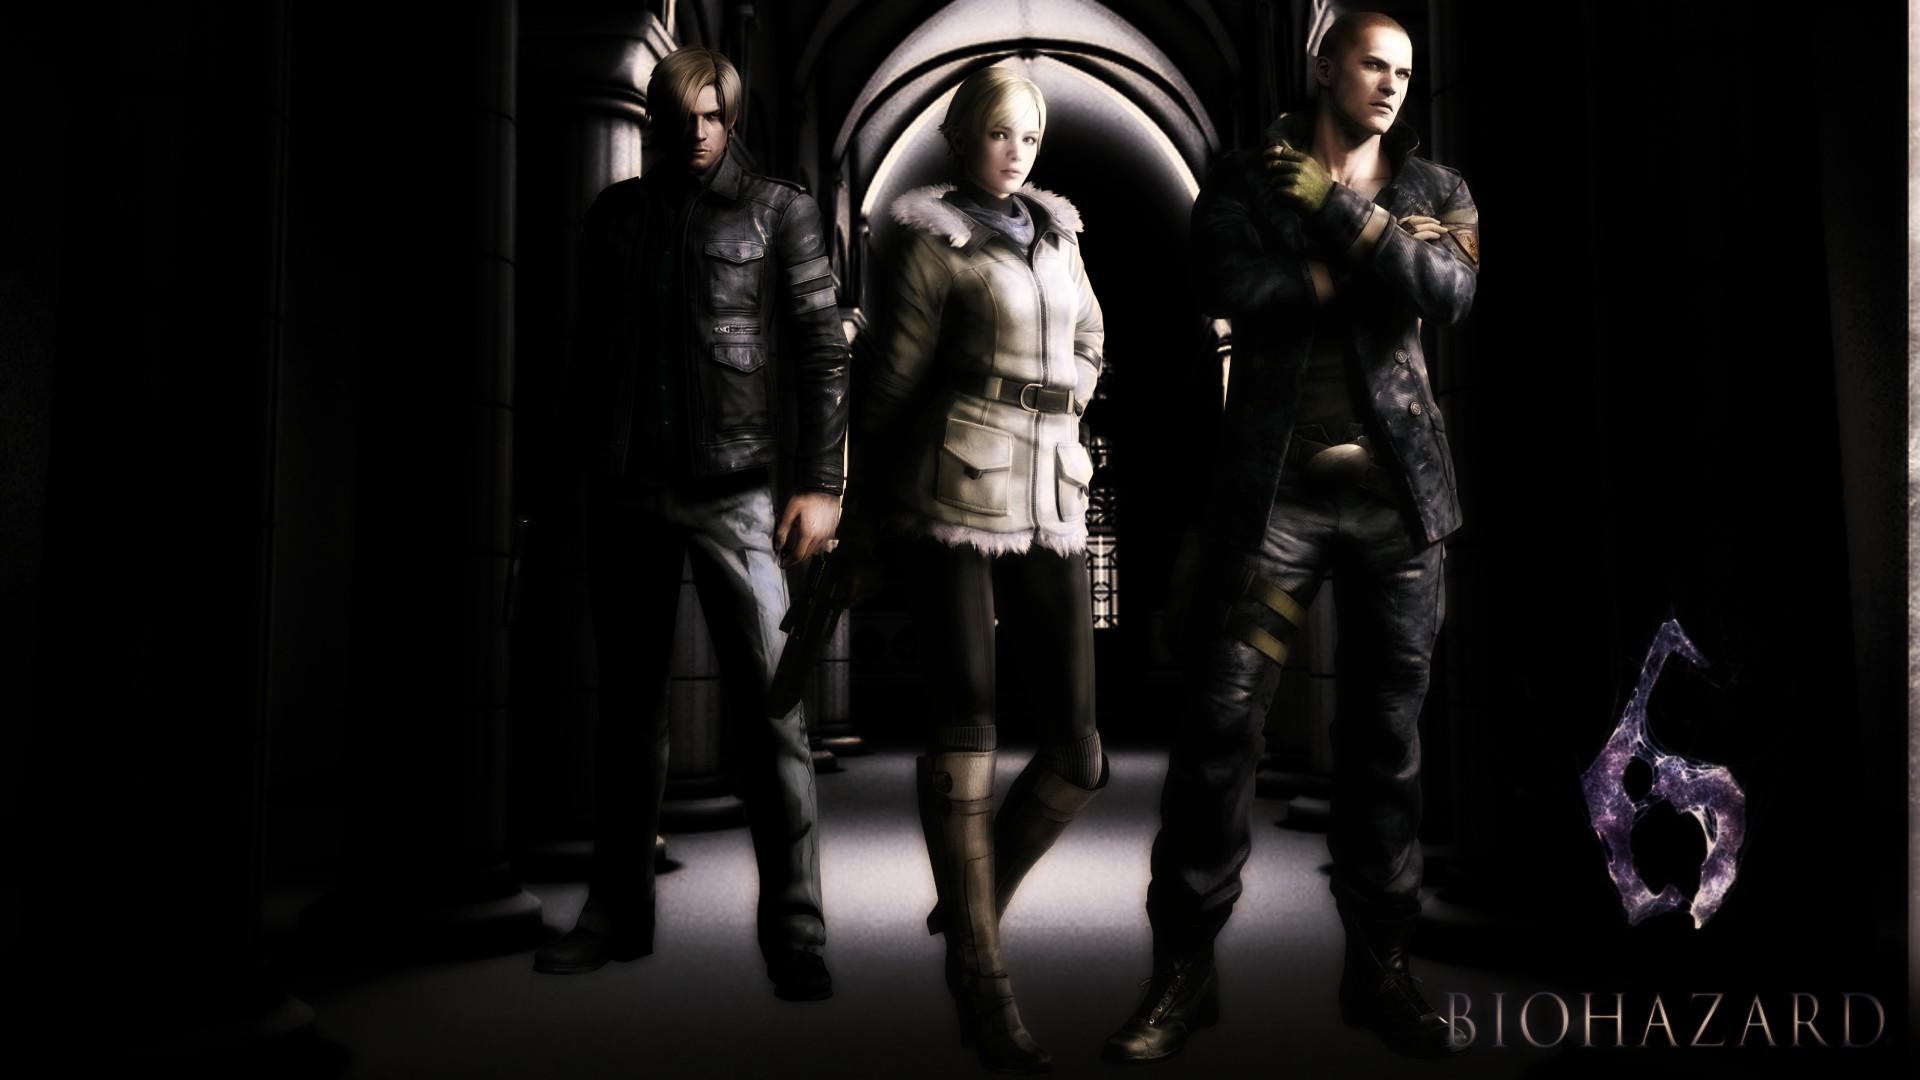 video_games_mass_effect_crysis_witcher_darksiders_arkham_asylum_mass_effect_2_assassins_creed_br.jpg  resident_evil_6_wallpaper_by_ladylionhart-d4x0qki.jpg …